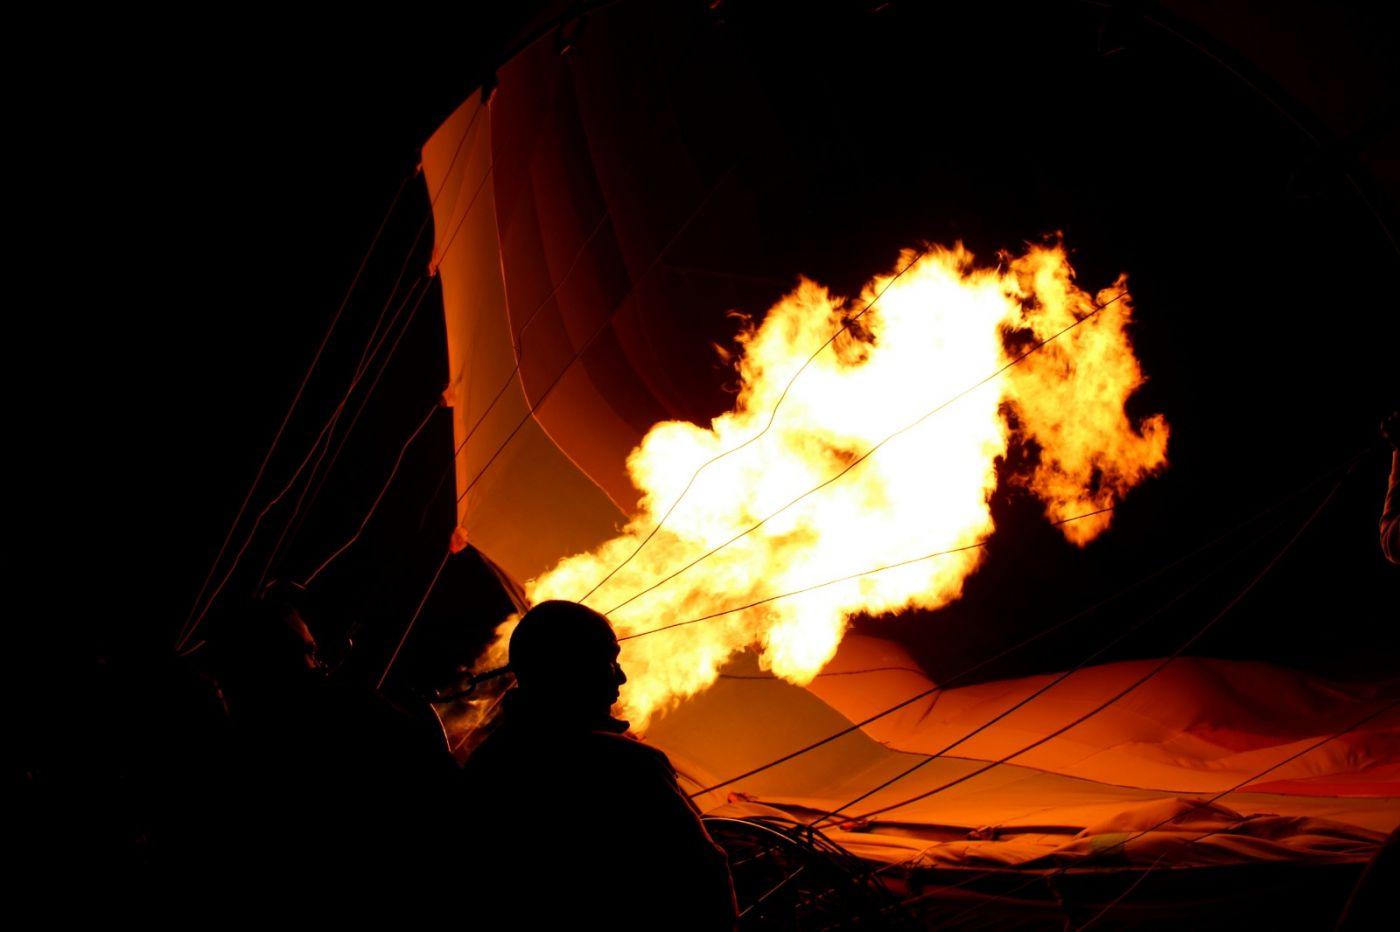 卢克索坐热气球观日出_图1-15